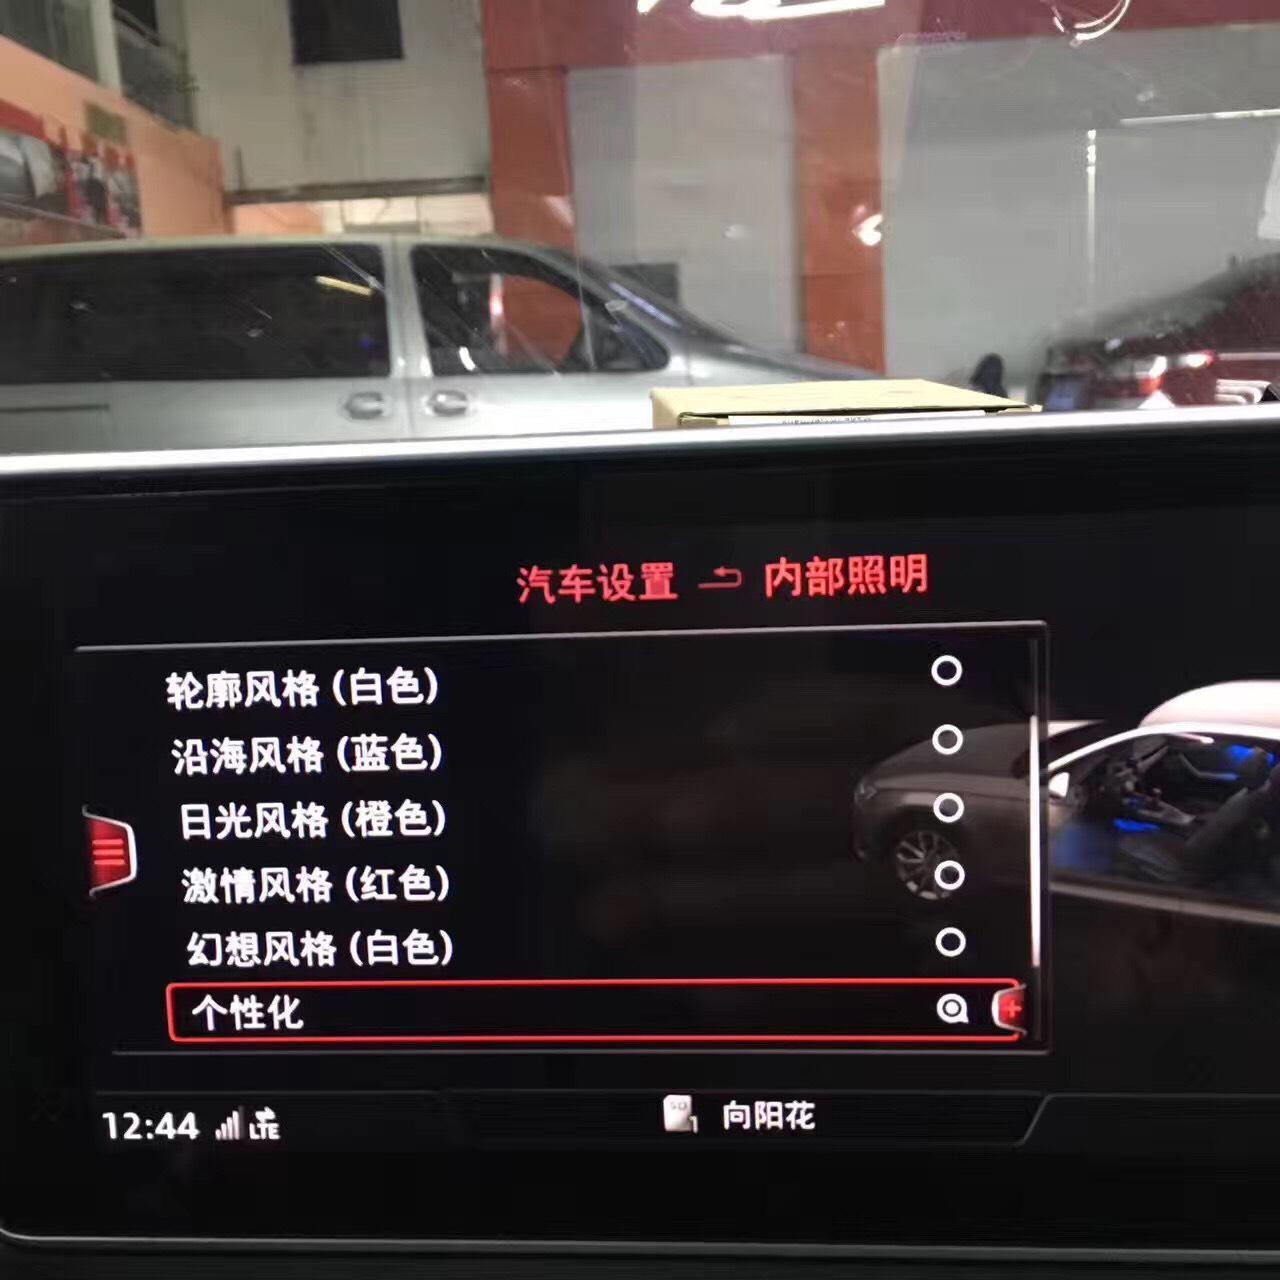 新款奥迪A4升级氛围灯,漂亮 长沙宏昌汽车服务有限公司。本公司与国际著名改装配件商大陆代表处 合作,引进大批高质量,高品质的改装配件。同时本中心愿以高品质的技术,超低的价格 为广大改装爱好者提供高品质的服务。 东莞宏昌汽车公司长沙分公司更专业。本公司是集汽车内饰设计、研发、改装、销售于一体,引领国内汽车改装行业发展的先驱品牌。经过十余年的开拓创新、深耕细作,凭借超前的设计理念、精湛的纯手工工艺、先进的研发技术和优质的专属服务,获得了行业同仁及各界客户的广泛肯定与赞誉。 其实关于车内氛围灯,可以这样来诠释它